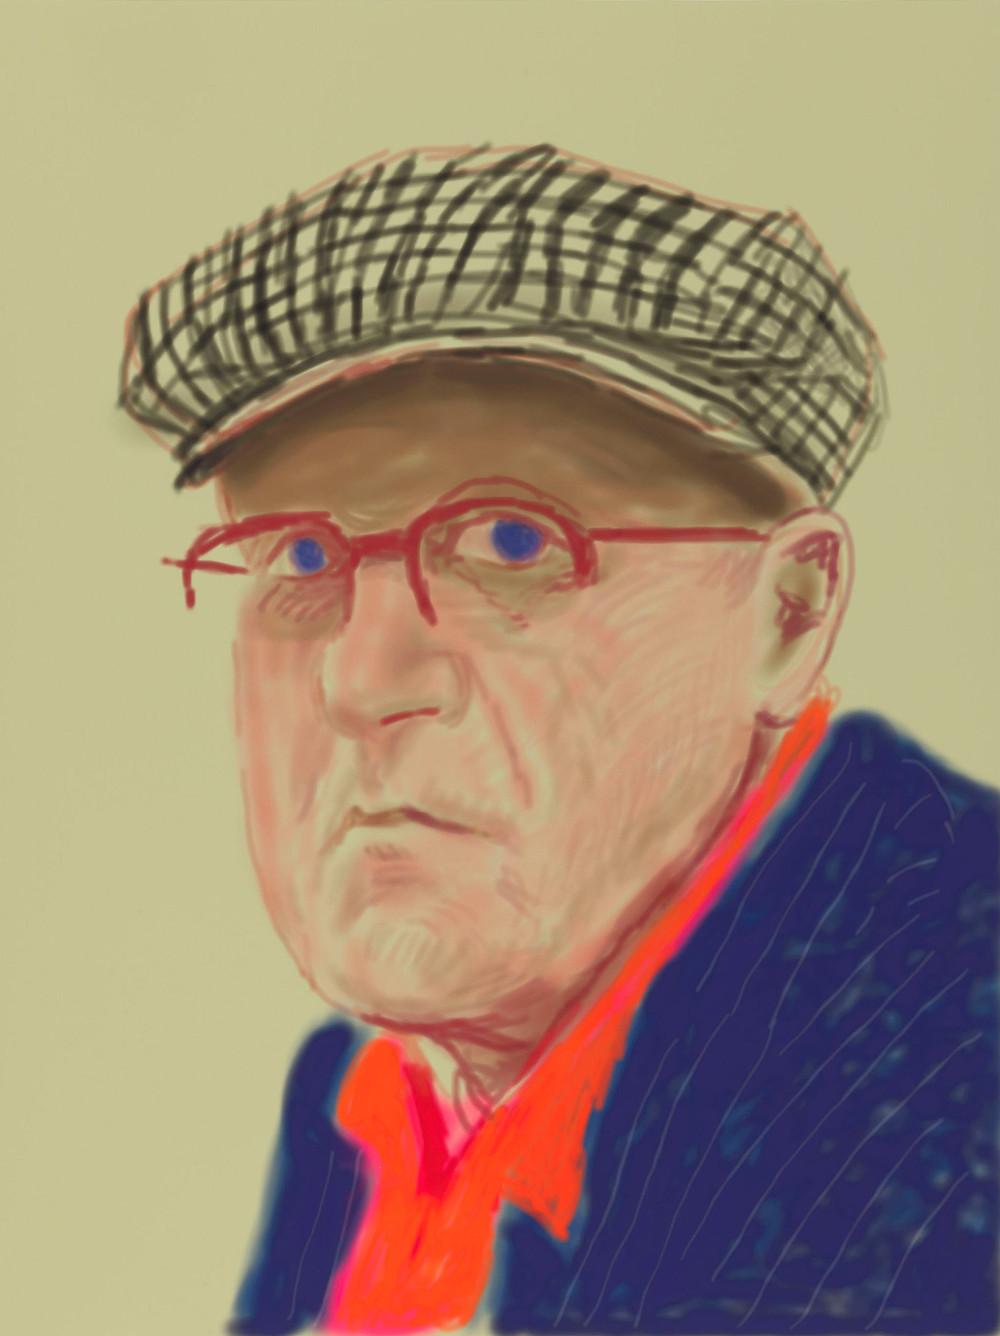 תערוכת אמנות של דייוויד הוקני בלונדון